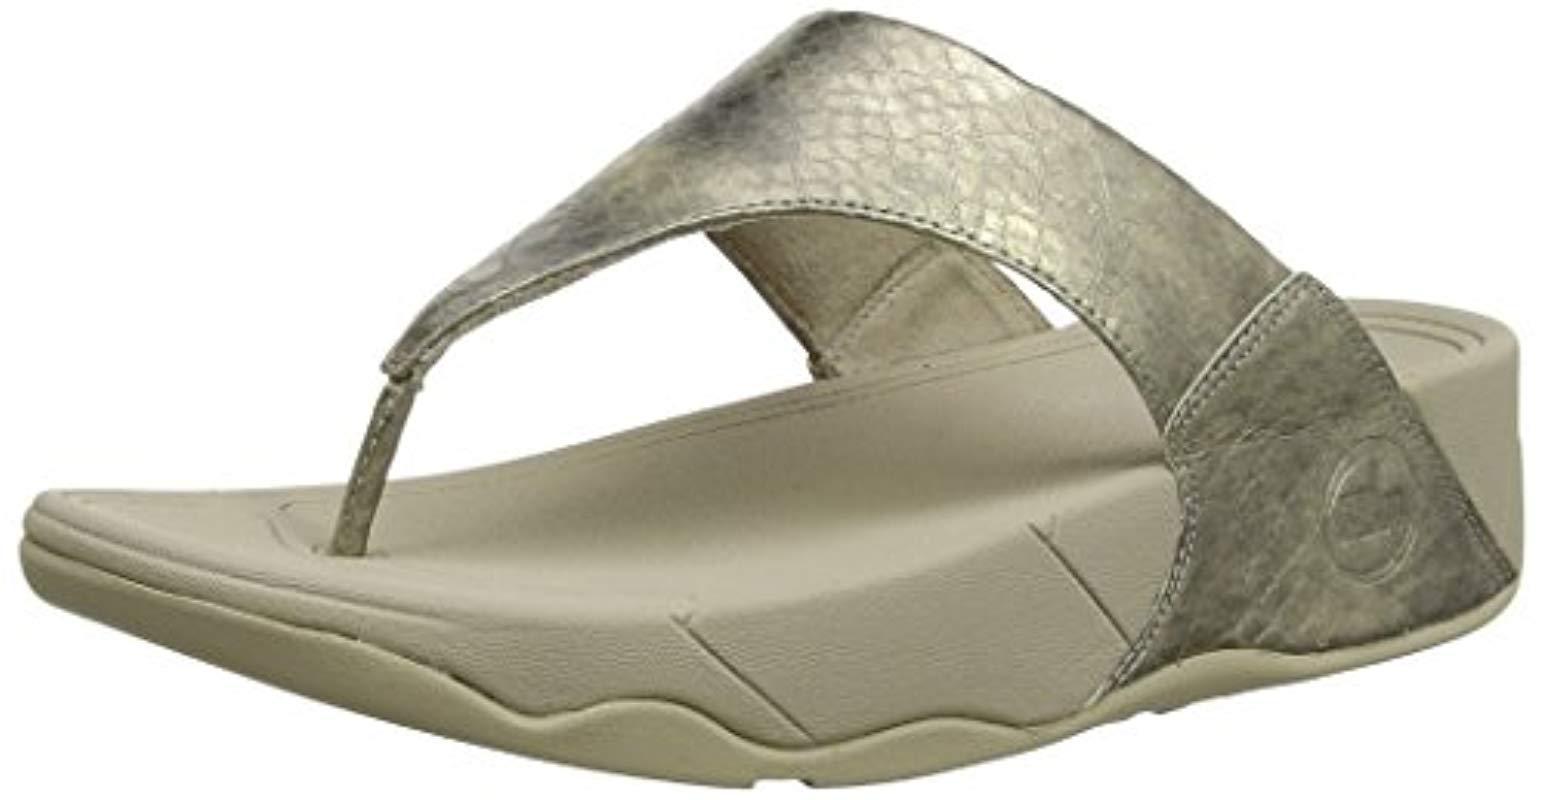 5e141bf80447 Lyst - Fitflop Lulu Metallic Snake Flip-flop in Metallic - Save 41%